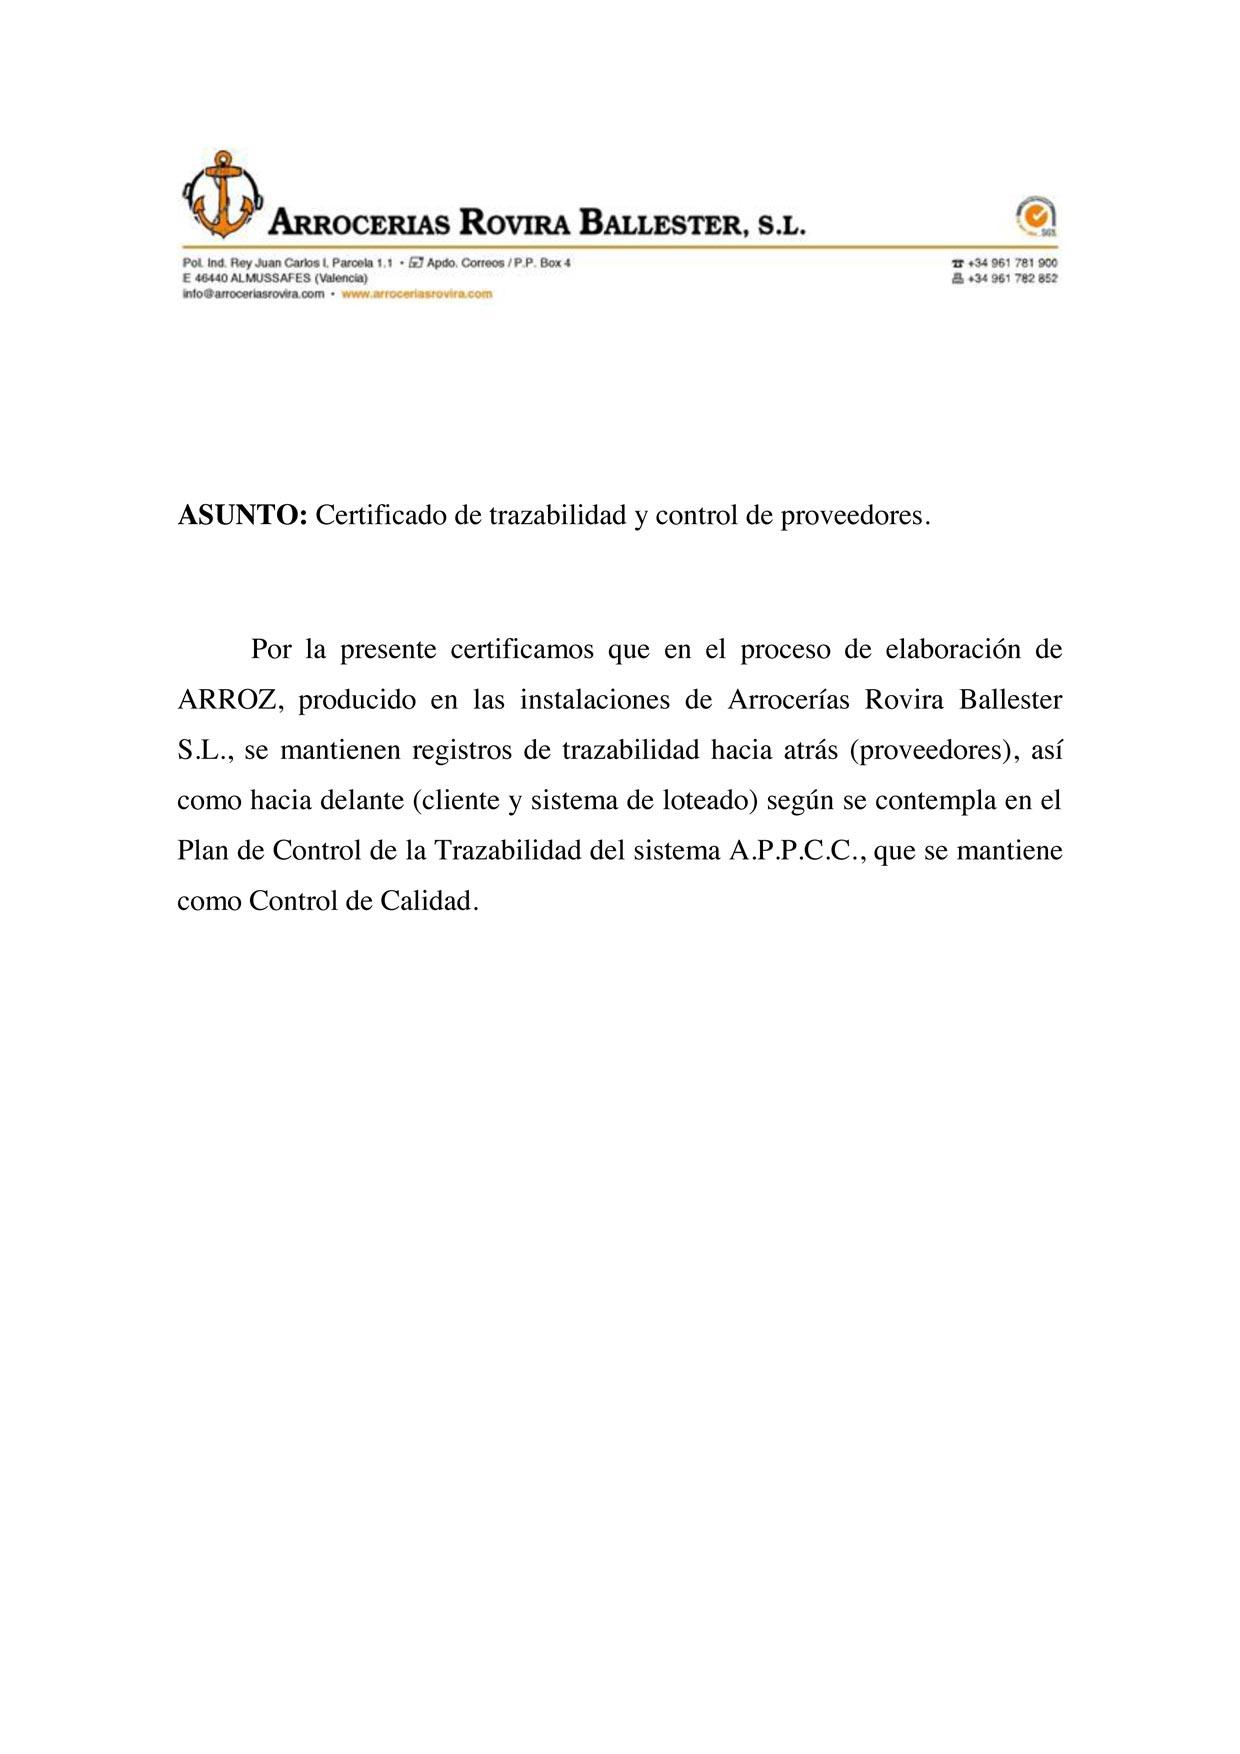 Certificado-TRAZABILIDAD-y-CONTROL-DE-PROVEEDORES1.jpg